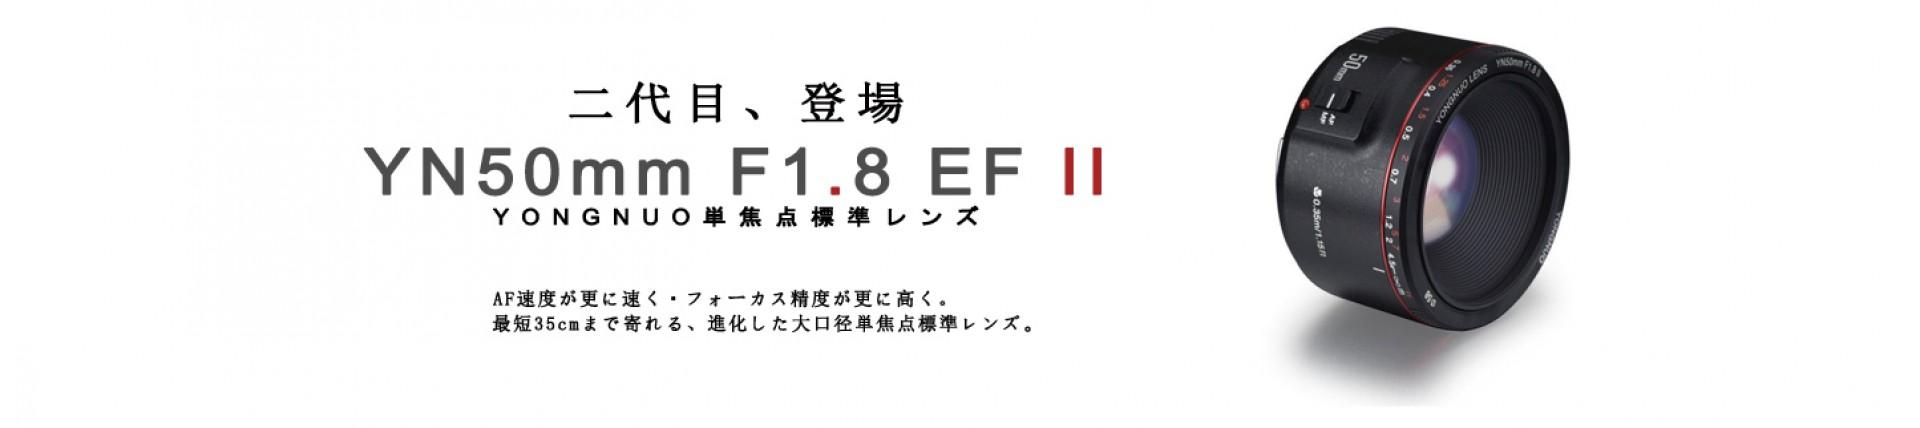 50mmF1.8 II